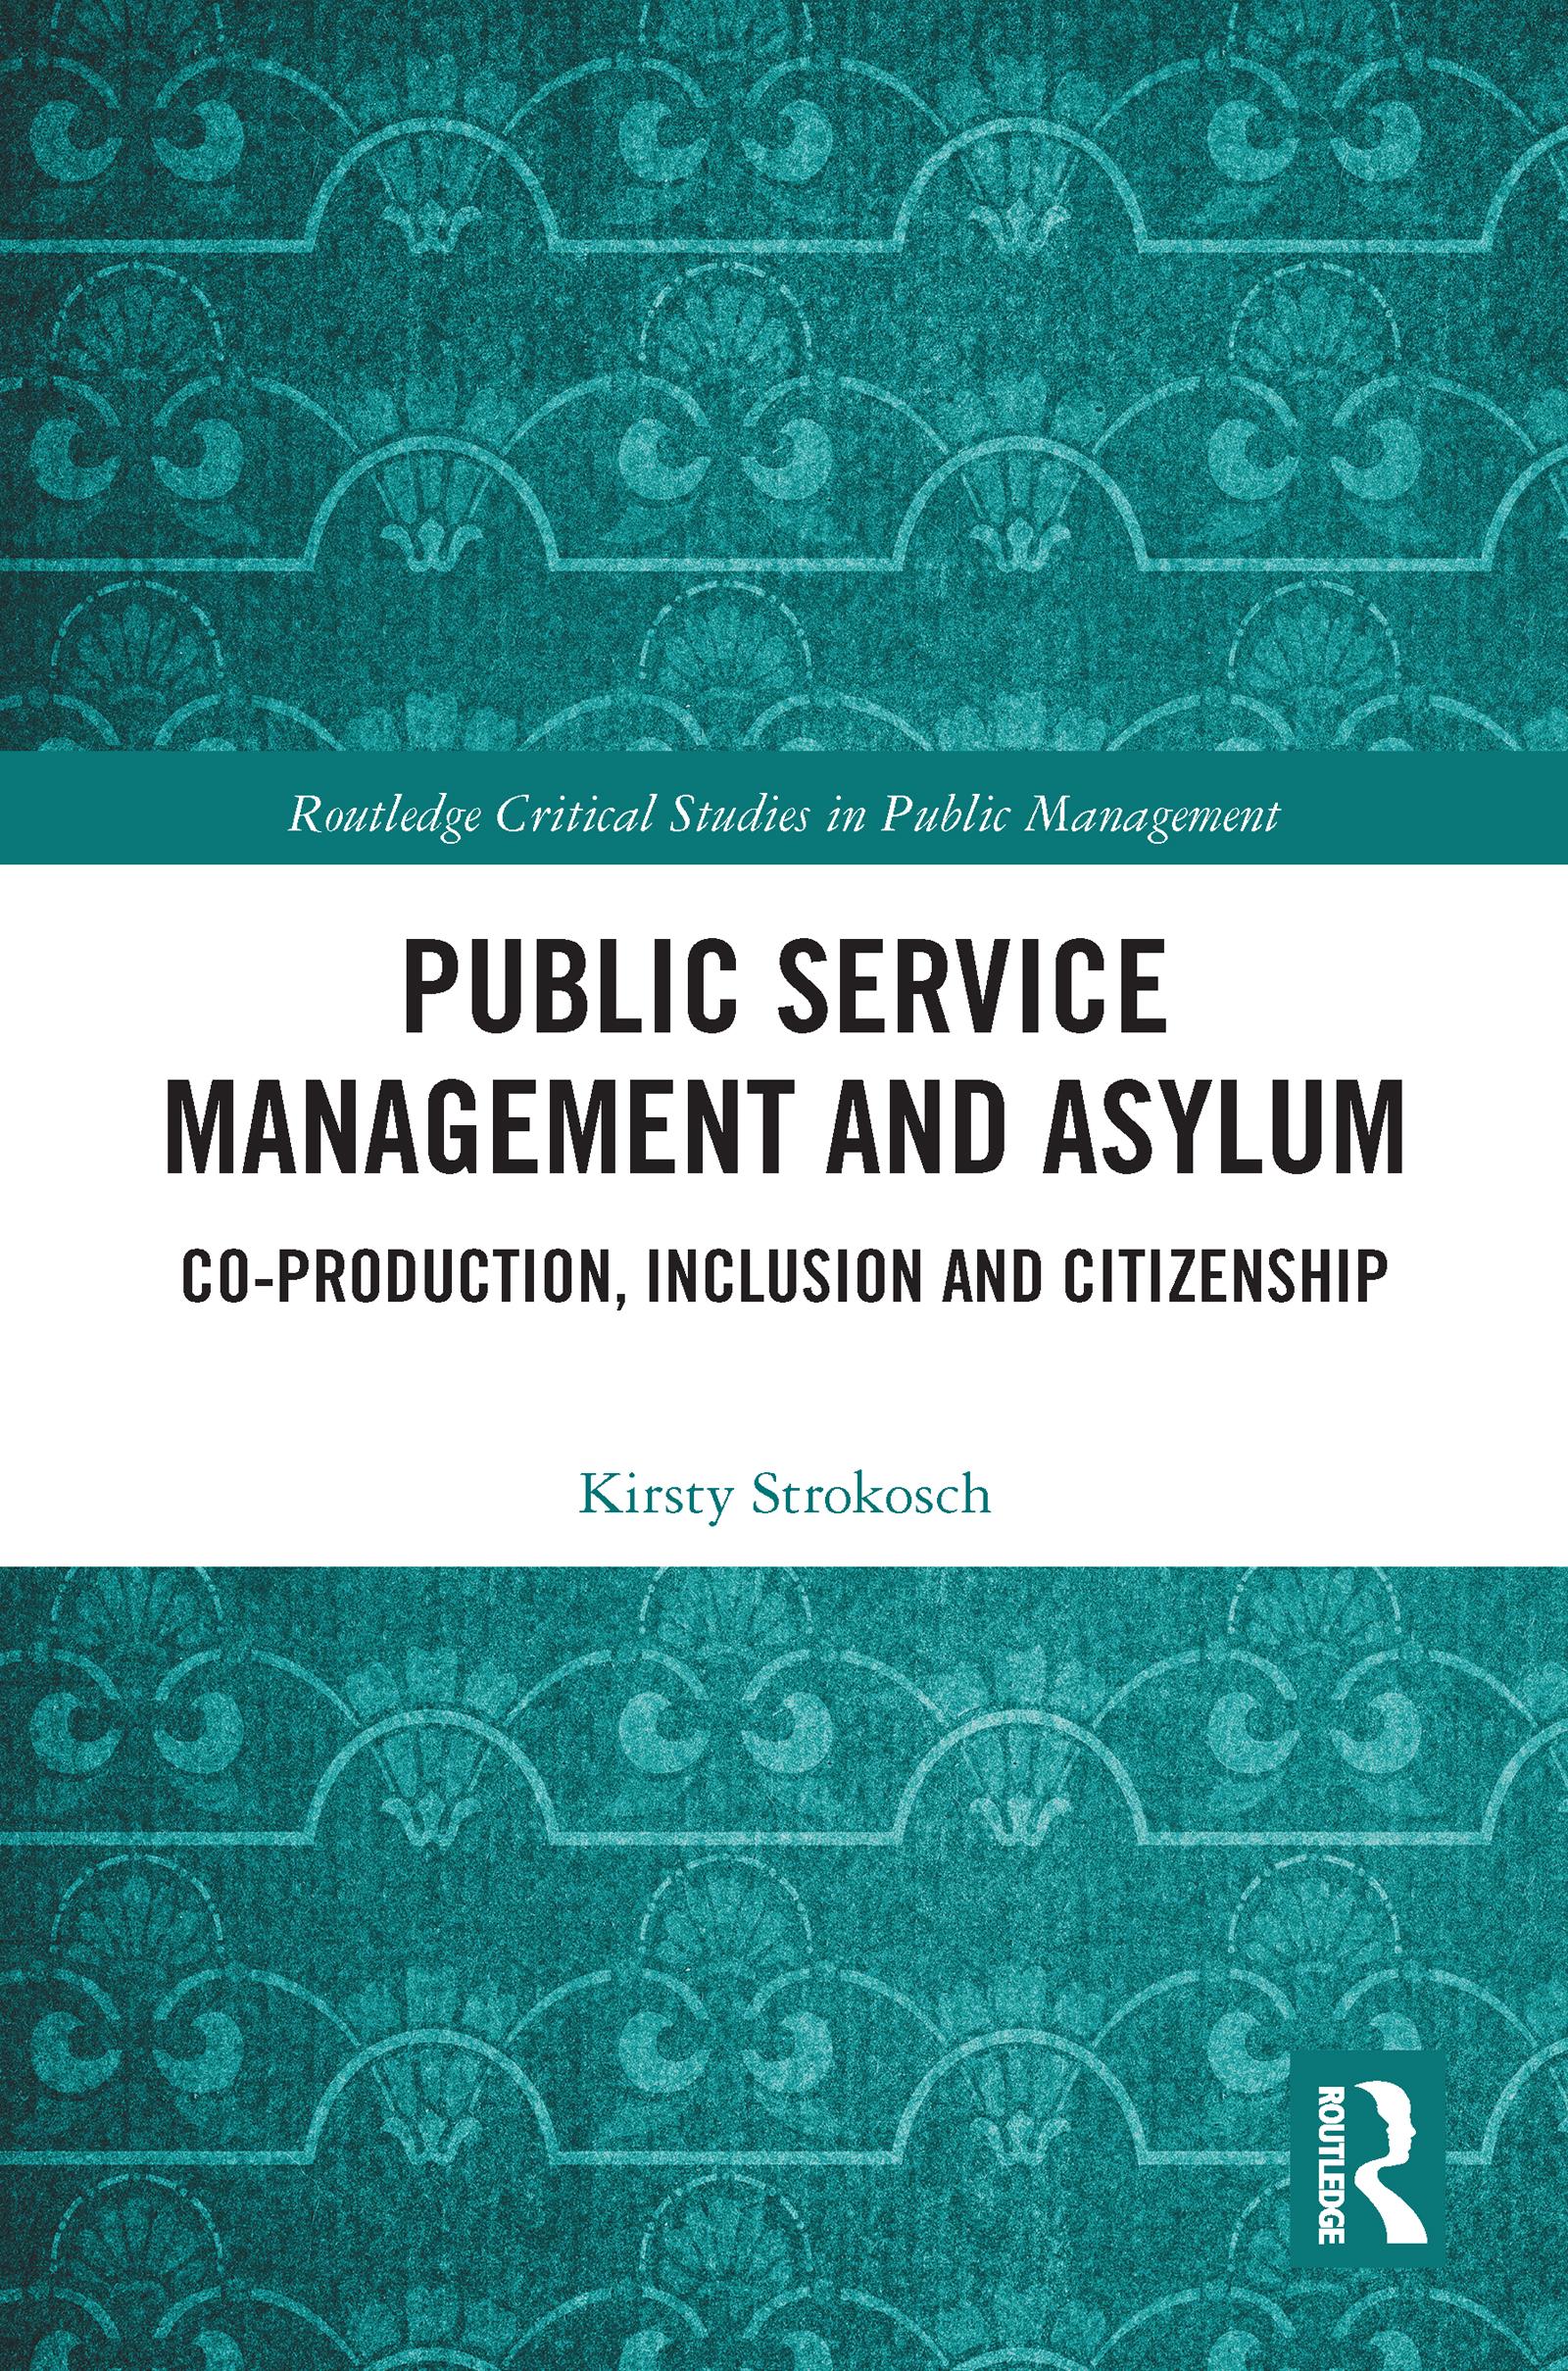 Public Service Management and Asylum